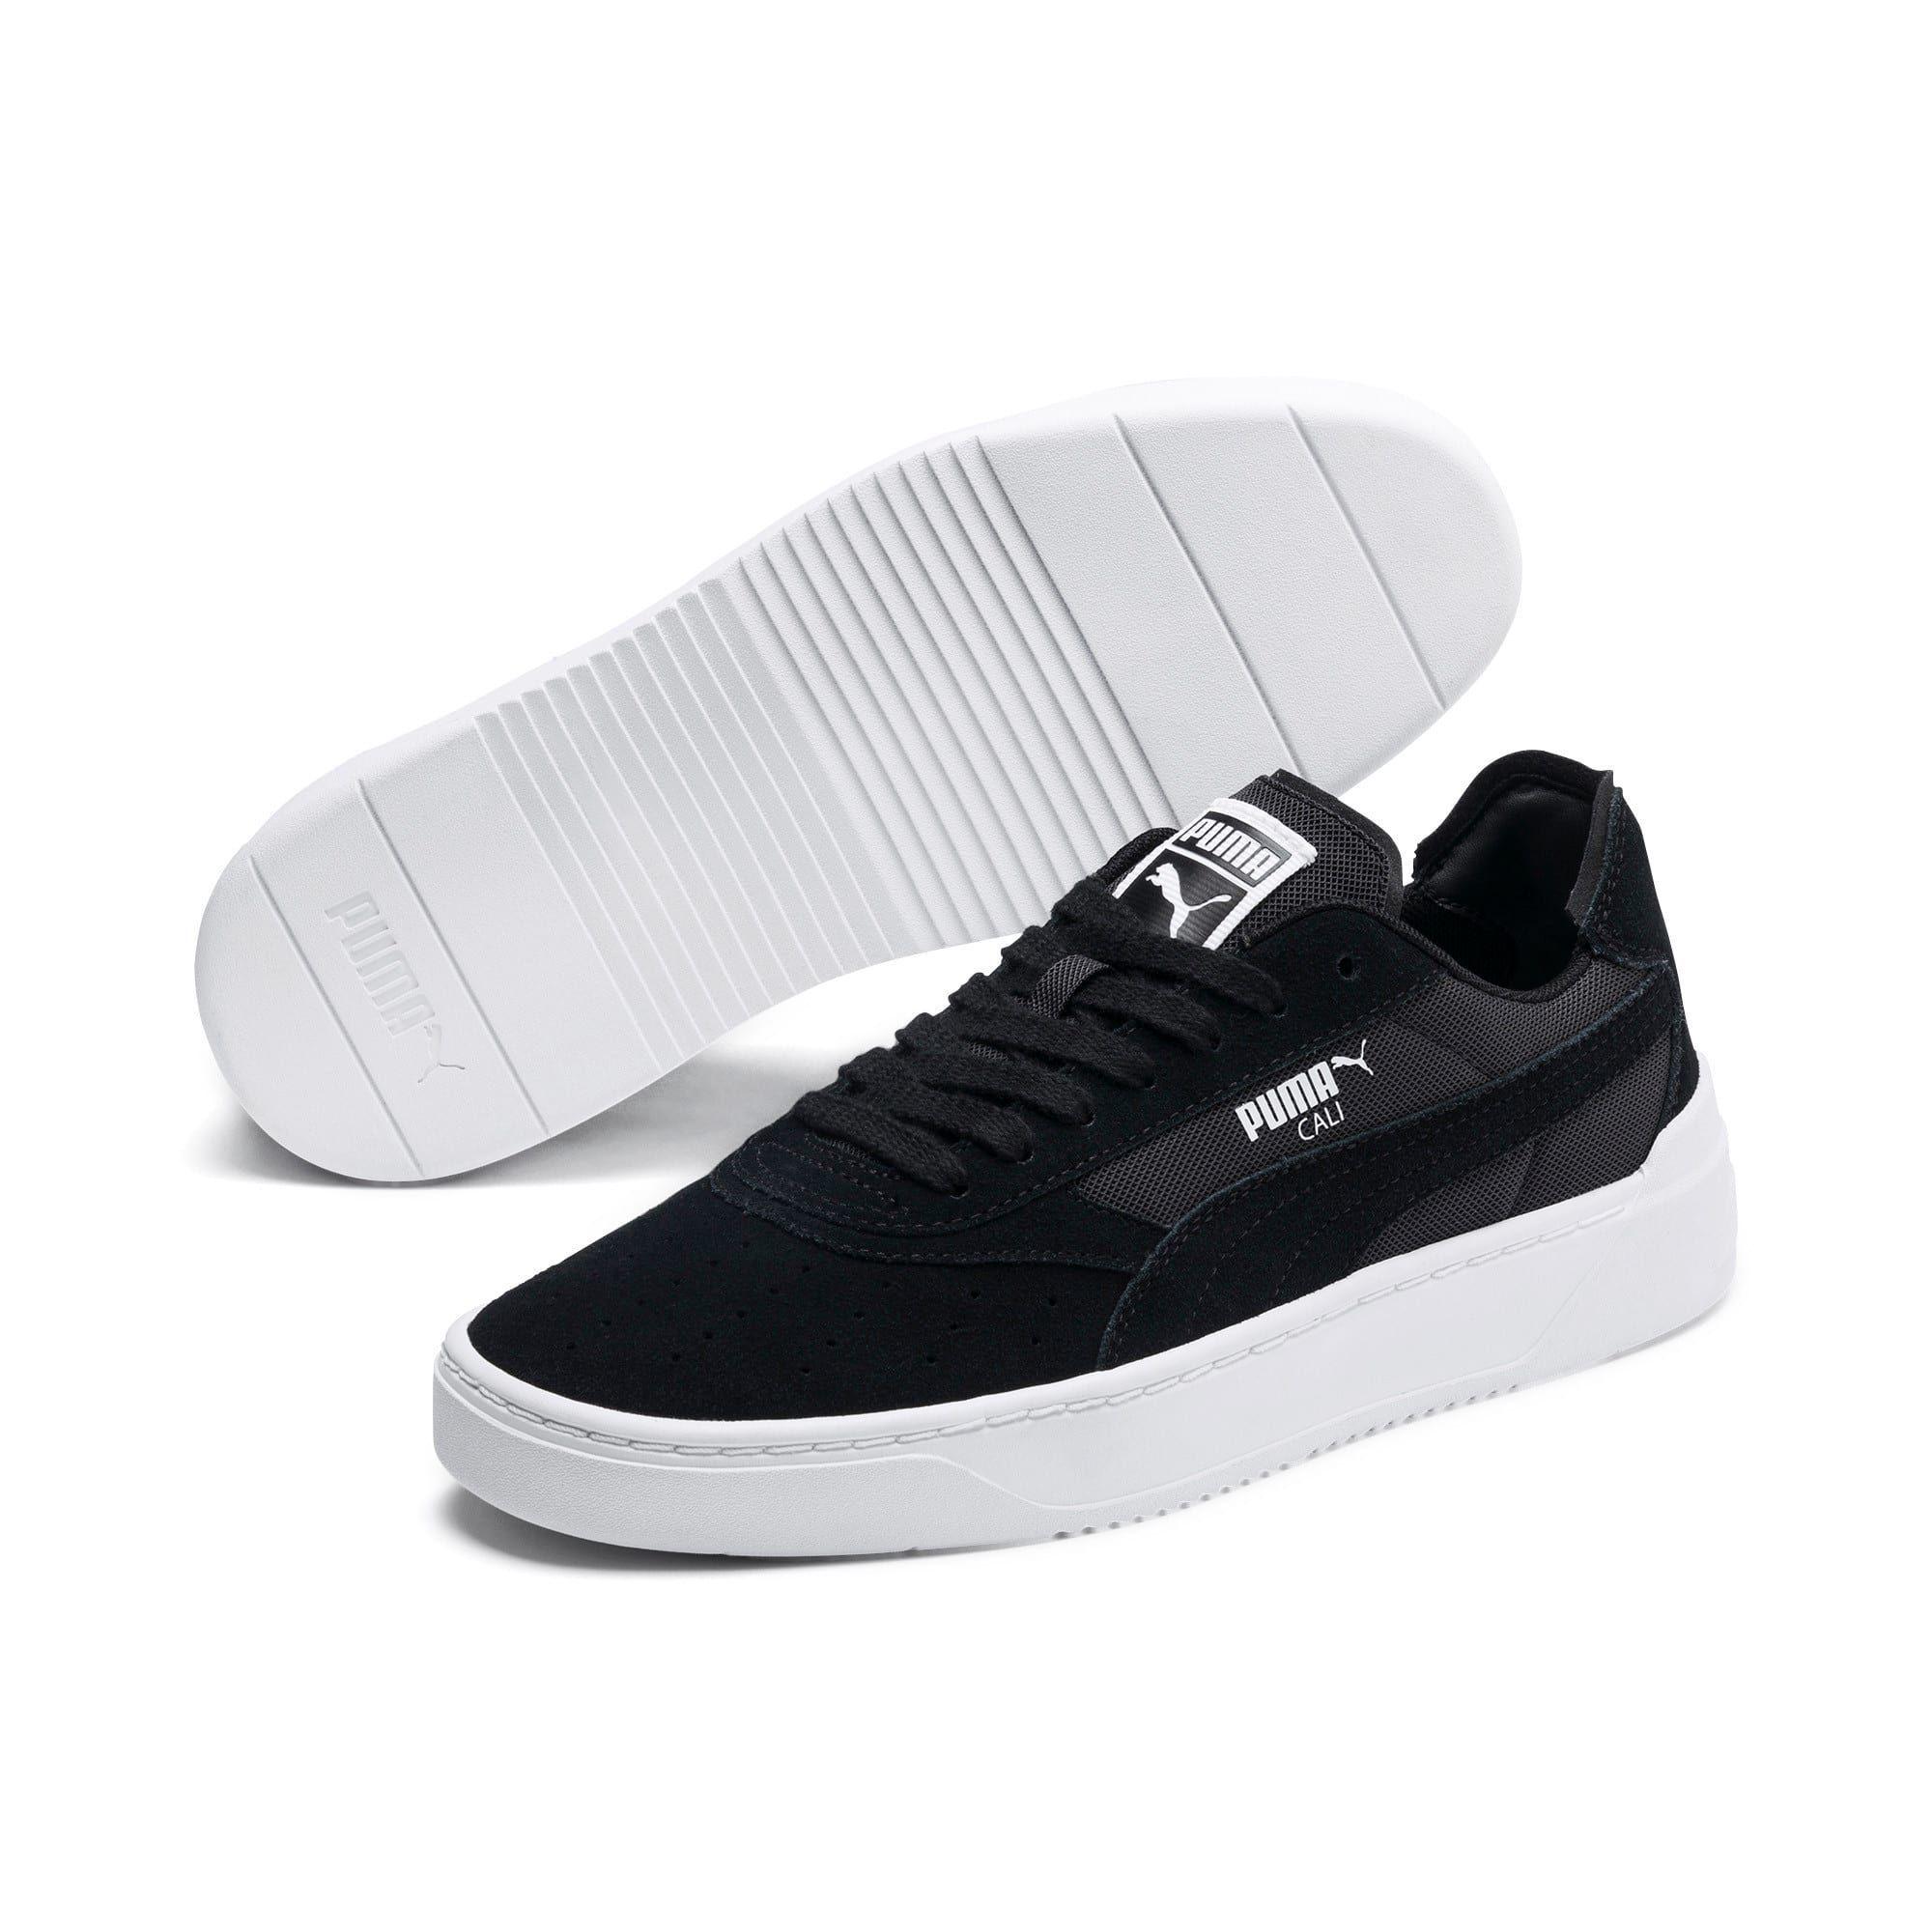 Baskets d'été PUMA Cali-0 pour homme en noir / blanc taille 10 ...